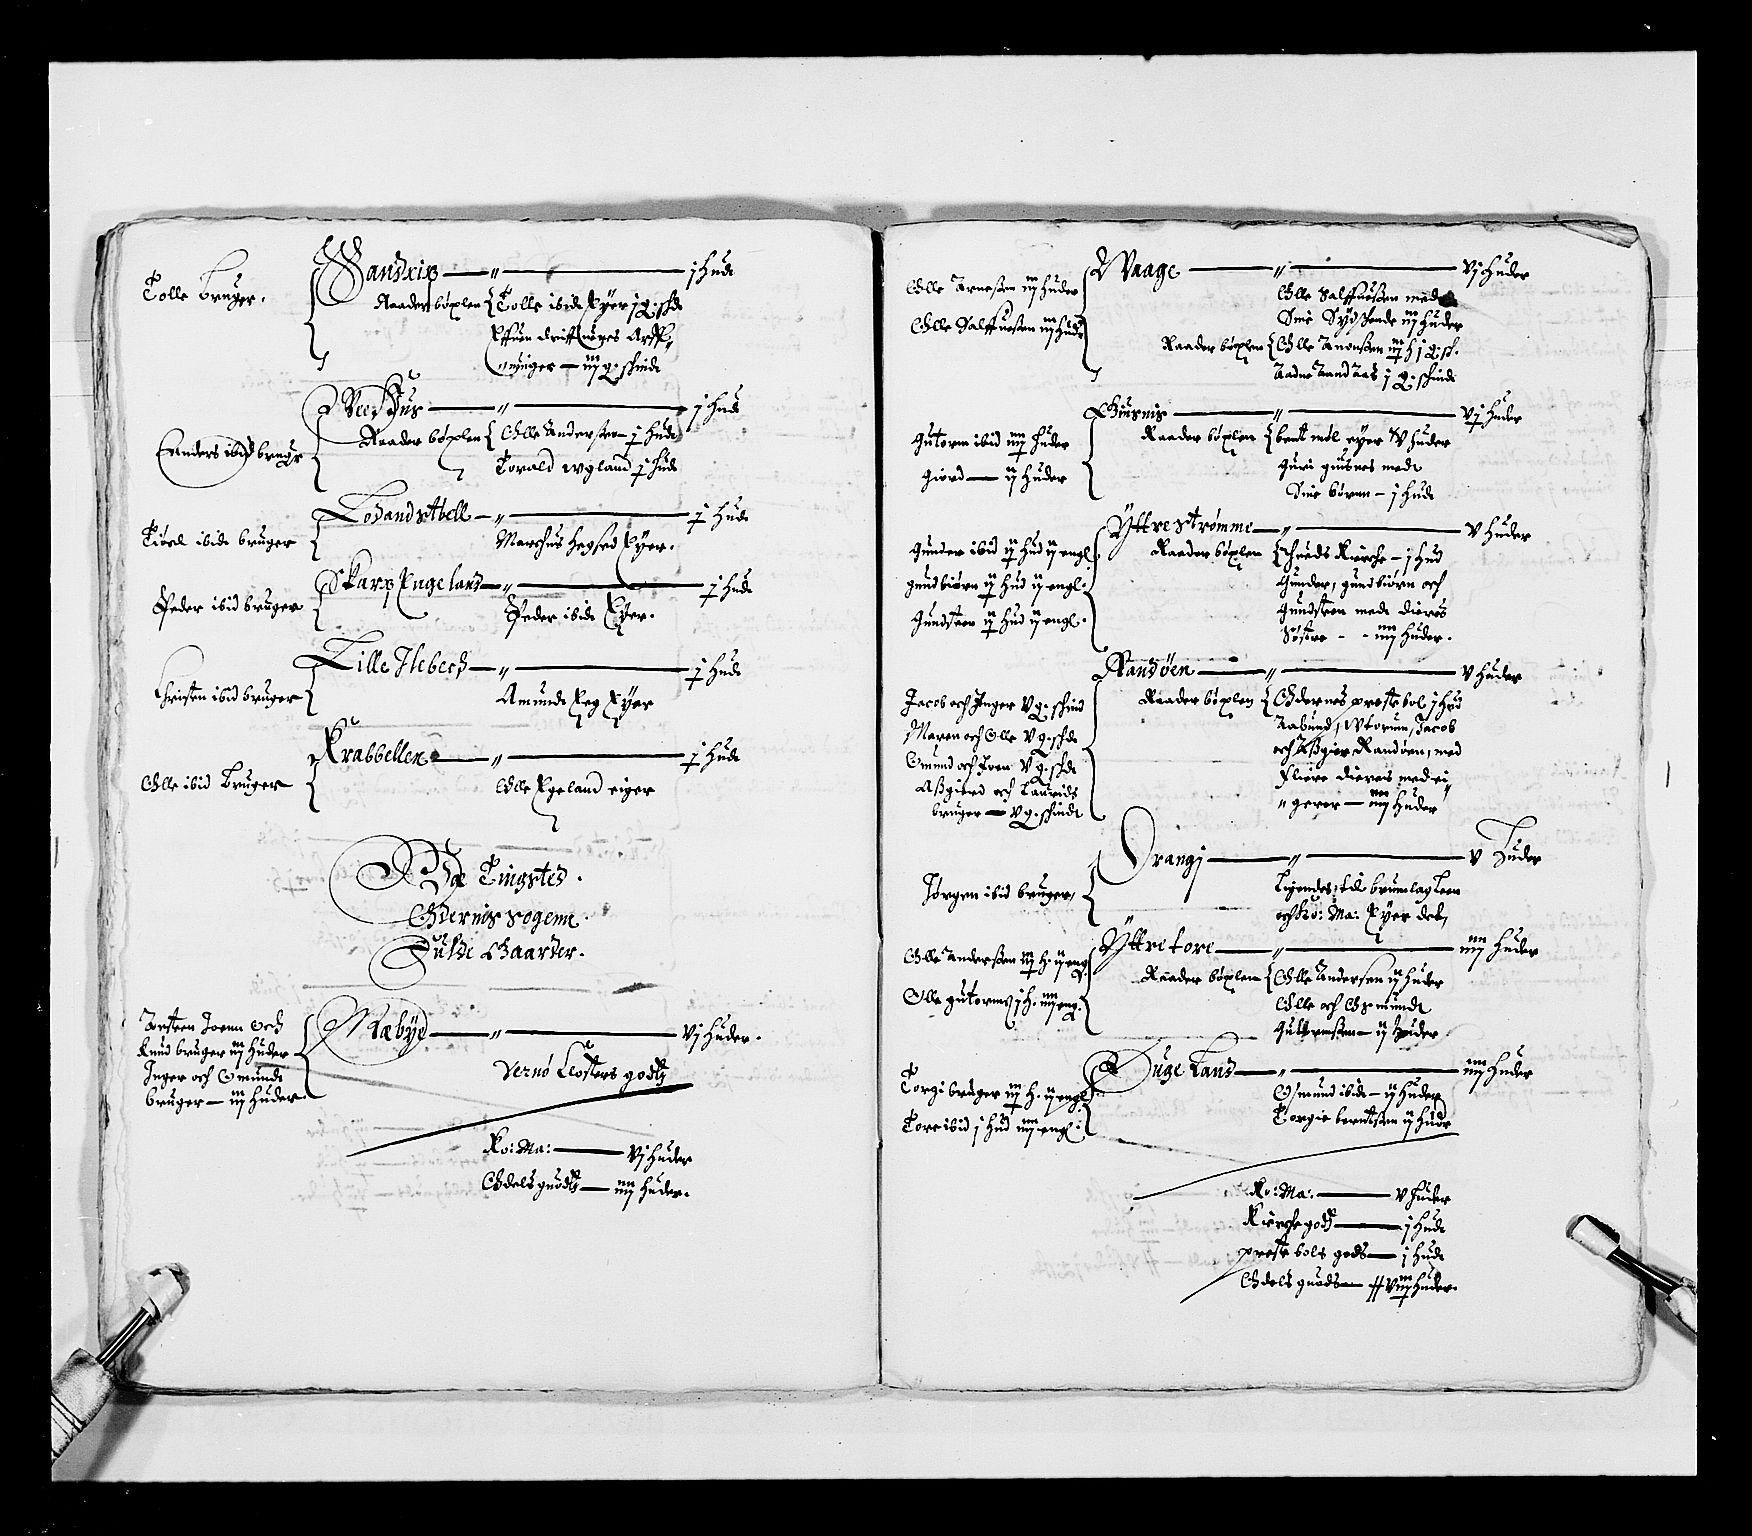 RA, Stattholderembetet 1572-1771, Ek/L0023: Jordebøker 1633-1658:, 1648-1649, s. 76